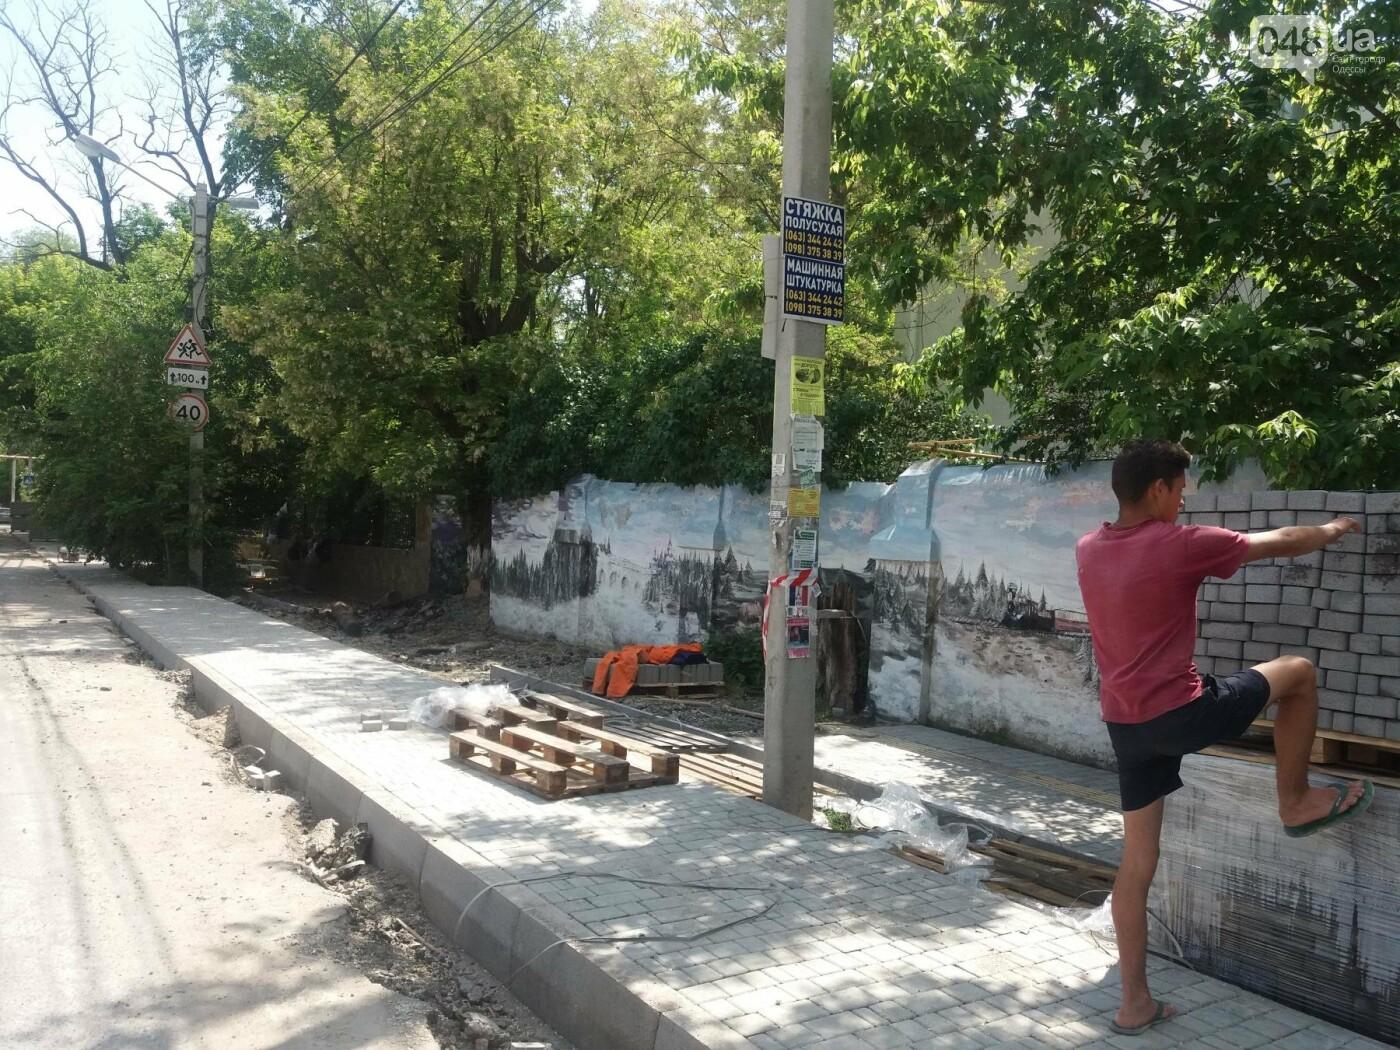 Шла третья неделя курортного сезона: В Одессе перекопали улицу, ведущую к морю, - ФОТО, ВИДЕО, фото-8